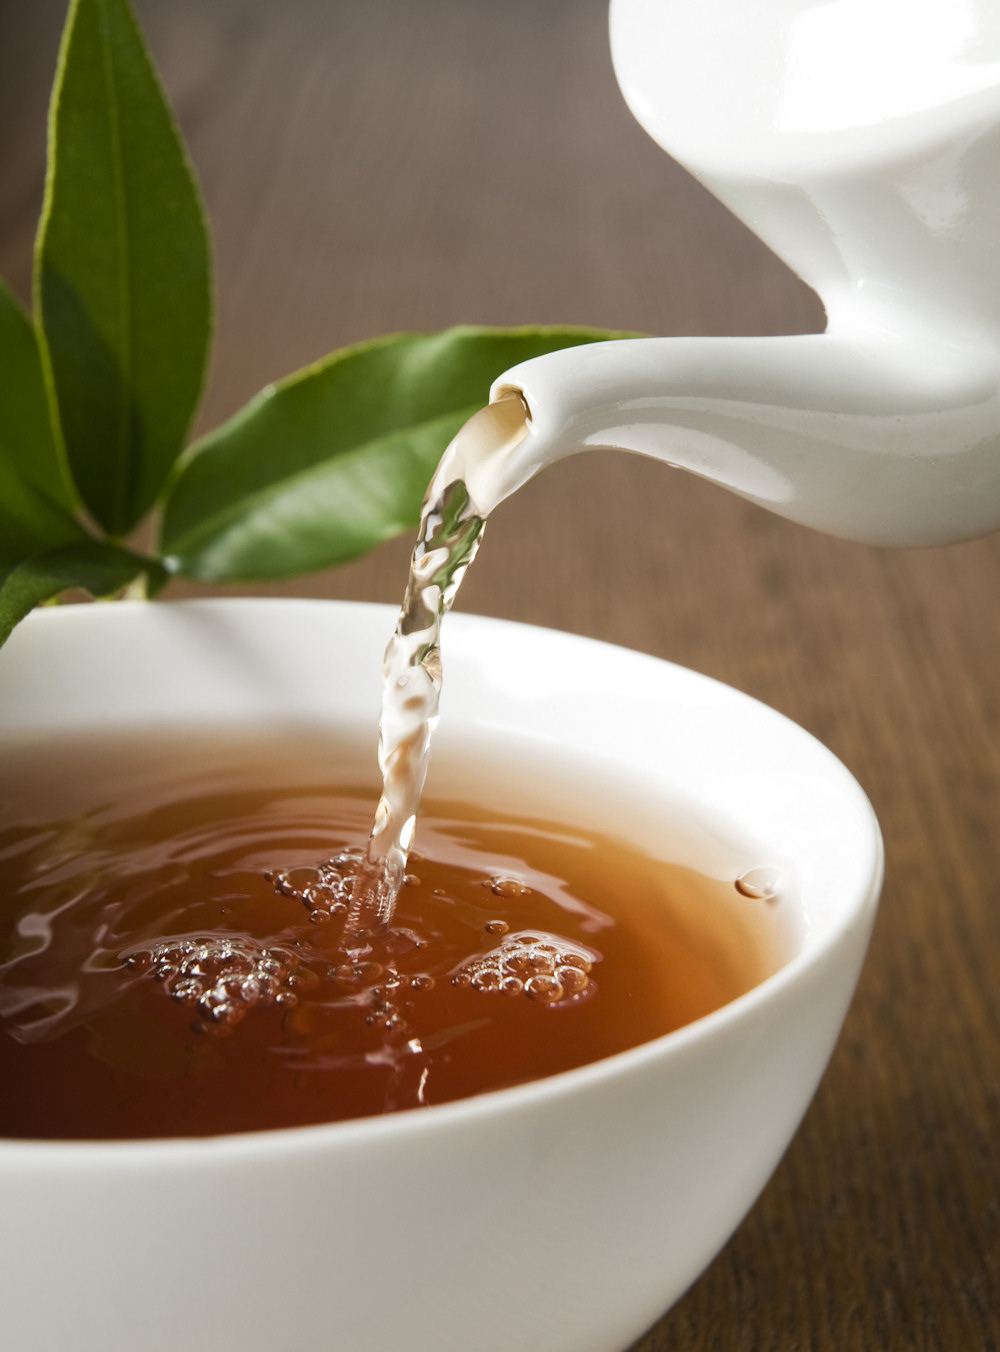 همه چیز در مورد چای